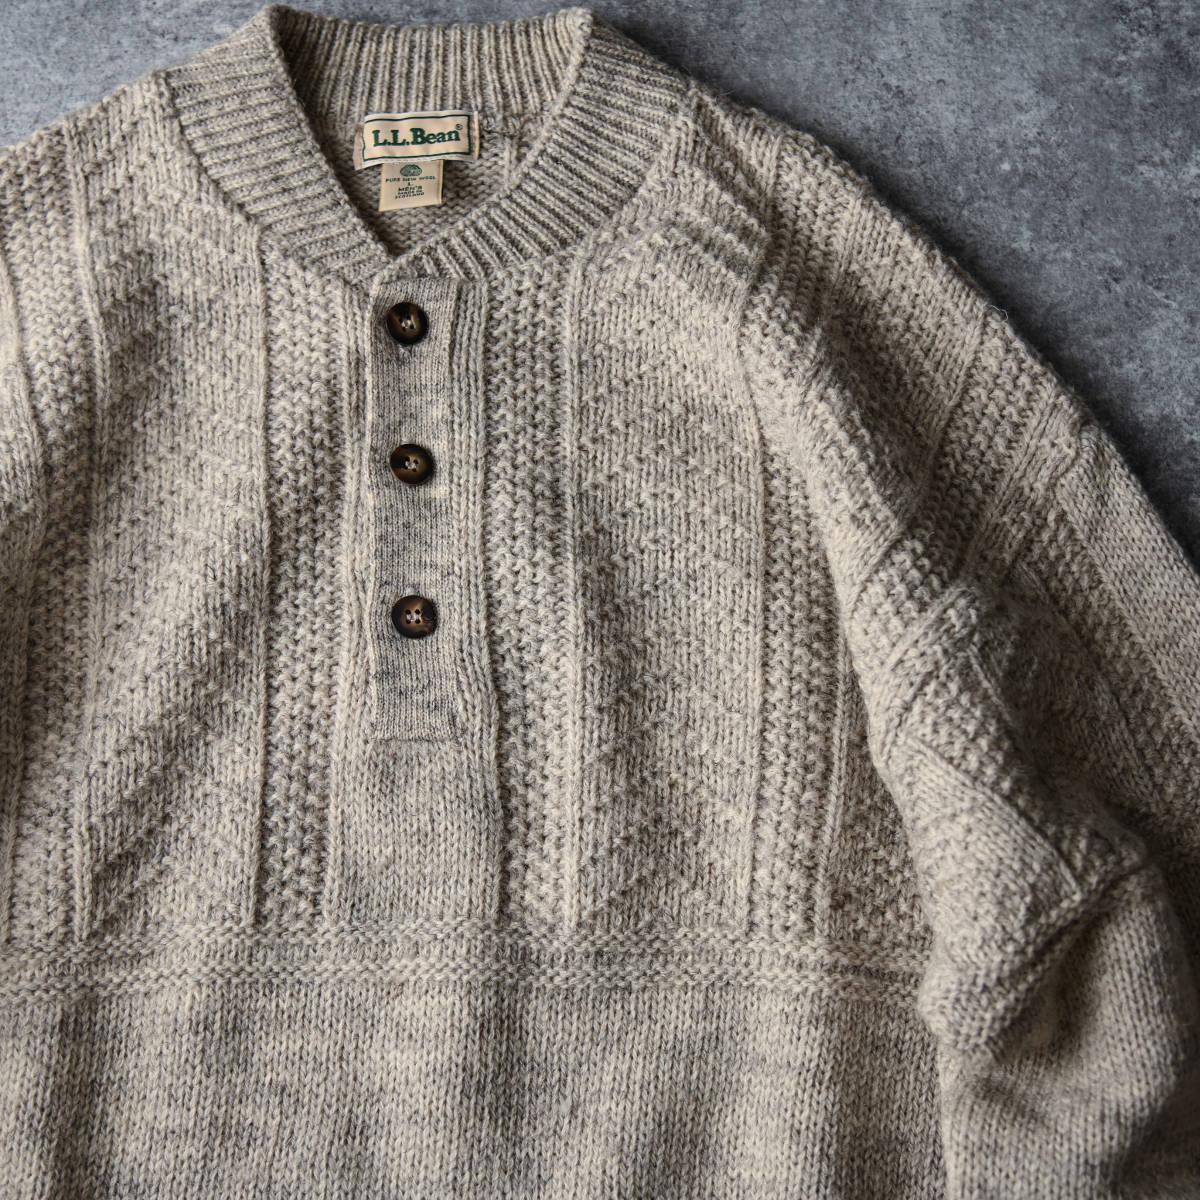 希少 80s L.L.Bean スコットランド製 ショールカラー ニット セーター 杢ウール / ビンテージ エルエルビーン フィッシャーマン 70s 90s_画像3